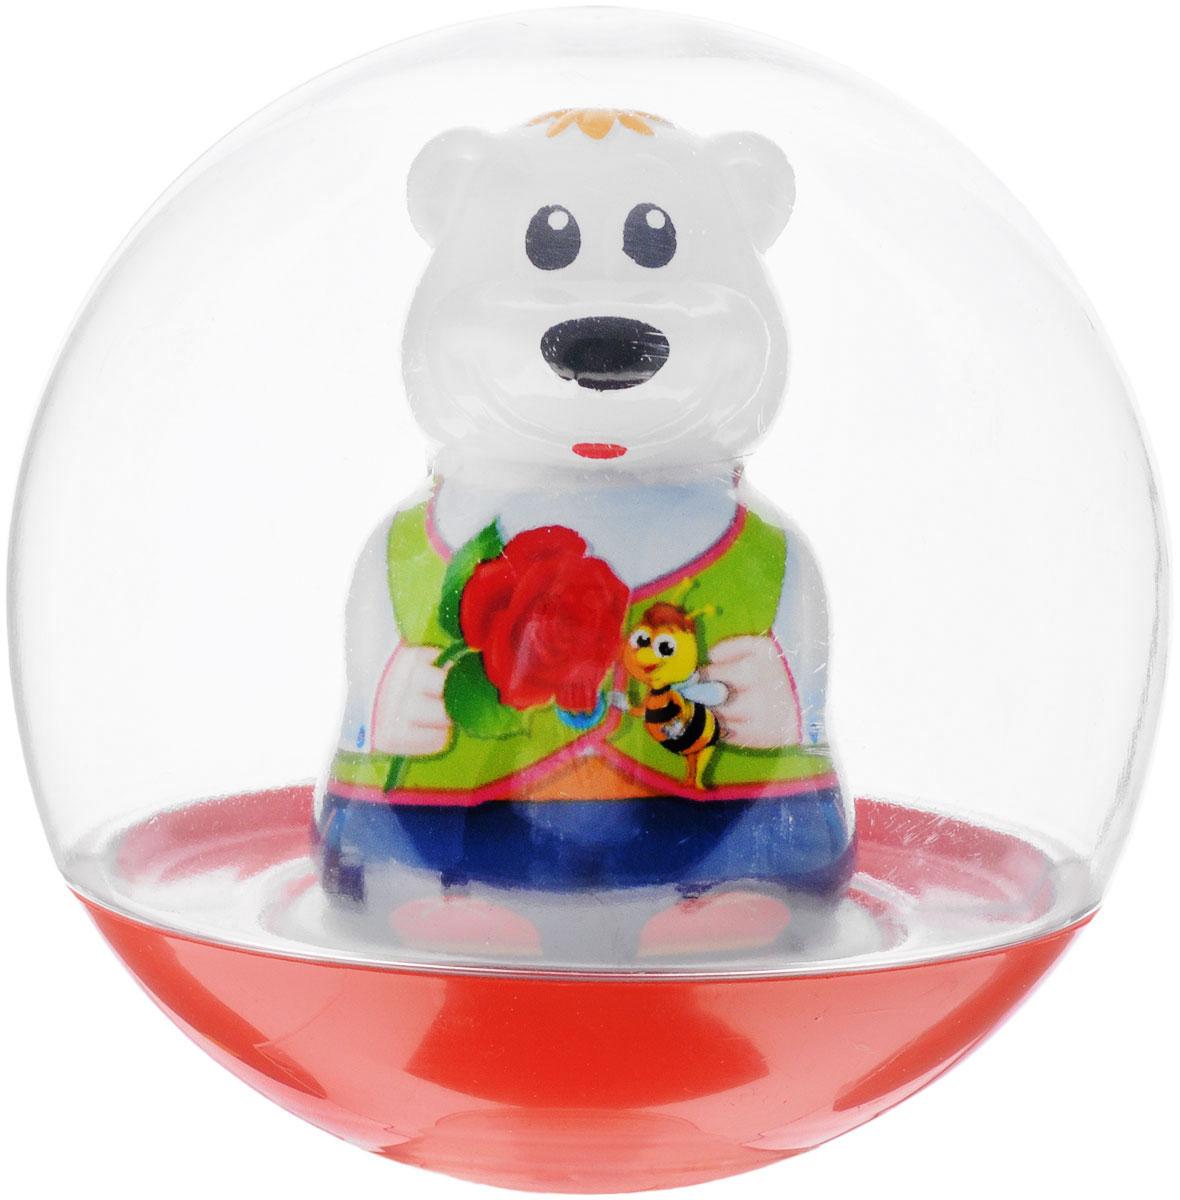 Stellar Погремушка-неваляшка Мишка цвет красный рубашка голубая1579_красный_голубая рубахаПогремушка-неваляшка Stellar Мишка не позволит скучать вашему малышу на улице, дома и во время водных процедур. Игрушка выполнена из пластика в виде симпатичного медвежонка в прозрачном шаре. Неваляшка забавно покачивается под приятный звук погремушки, развлекая малыша. Игра с неваляшкой способствует развитию мелкой моторики, координации, слуха и цветового восприятия.